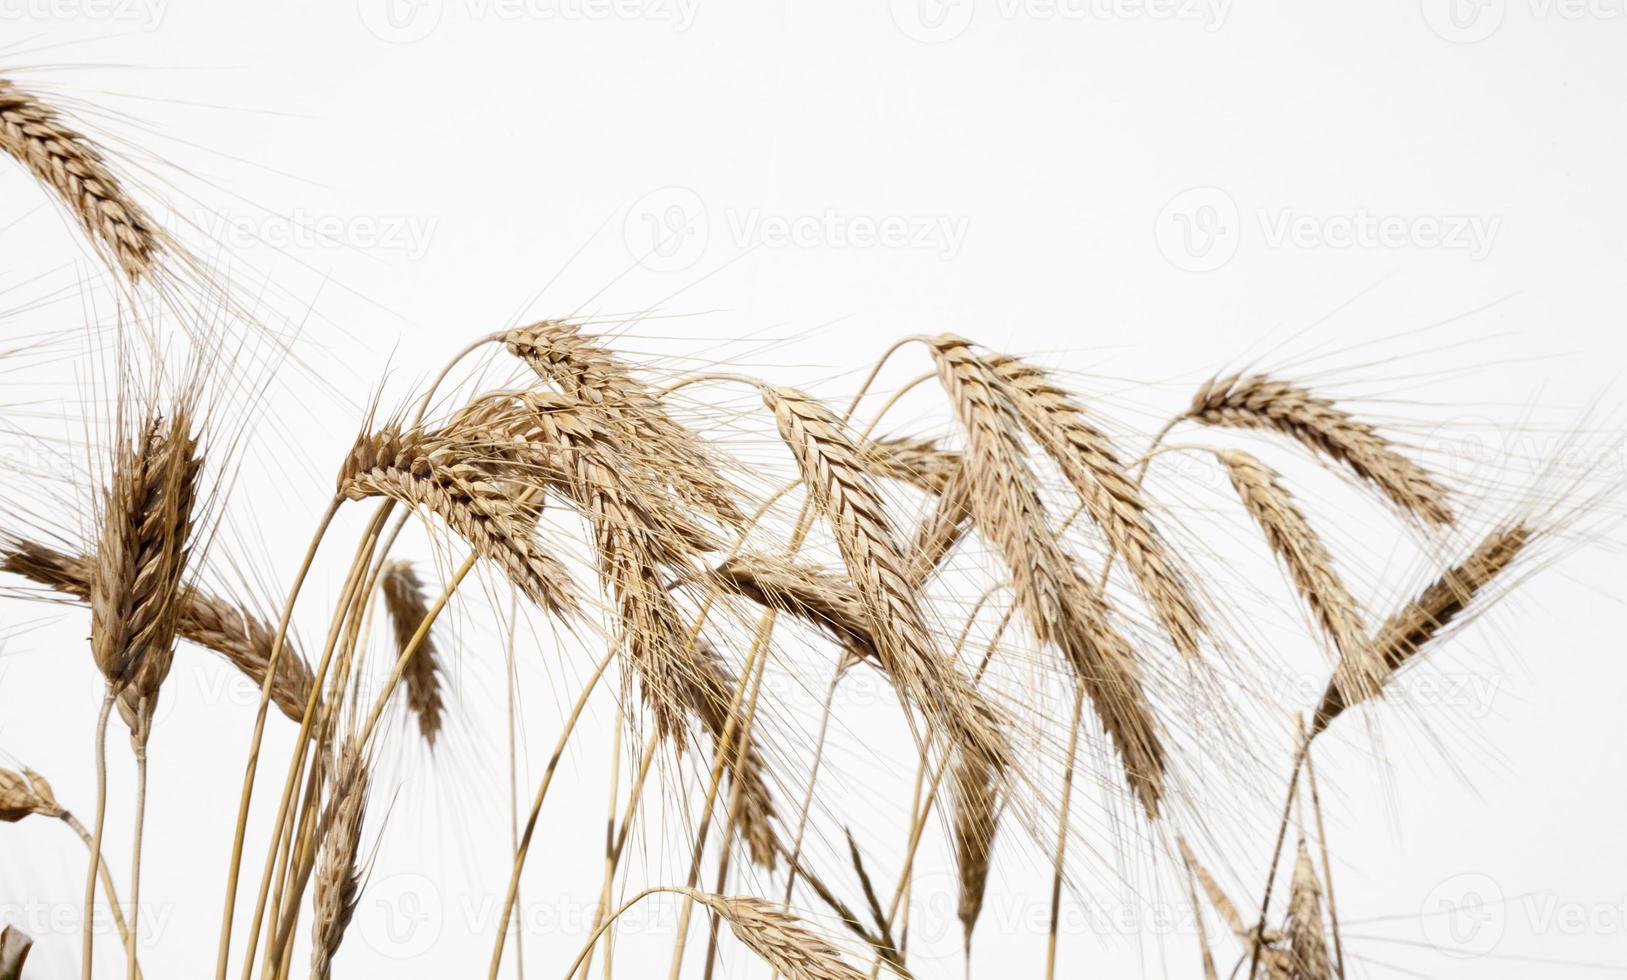 primer plano de trigo 1 foto